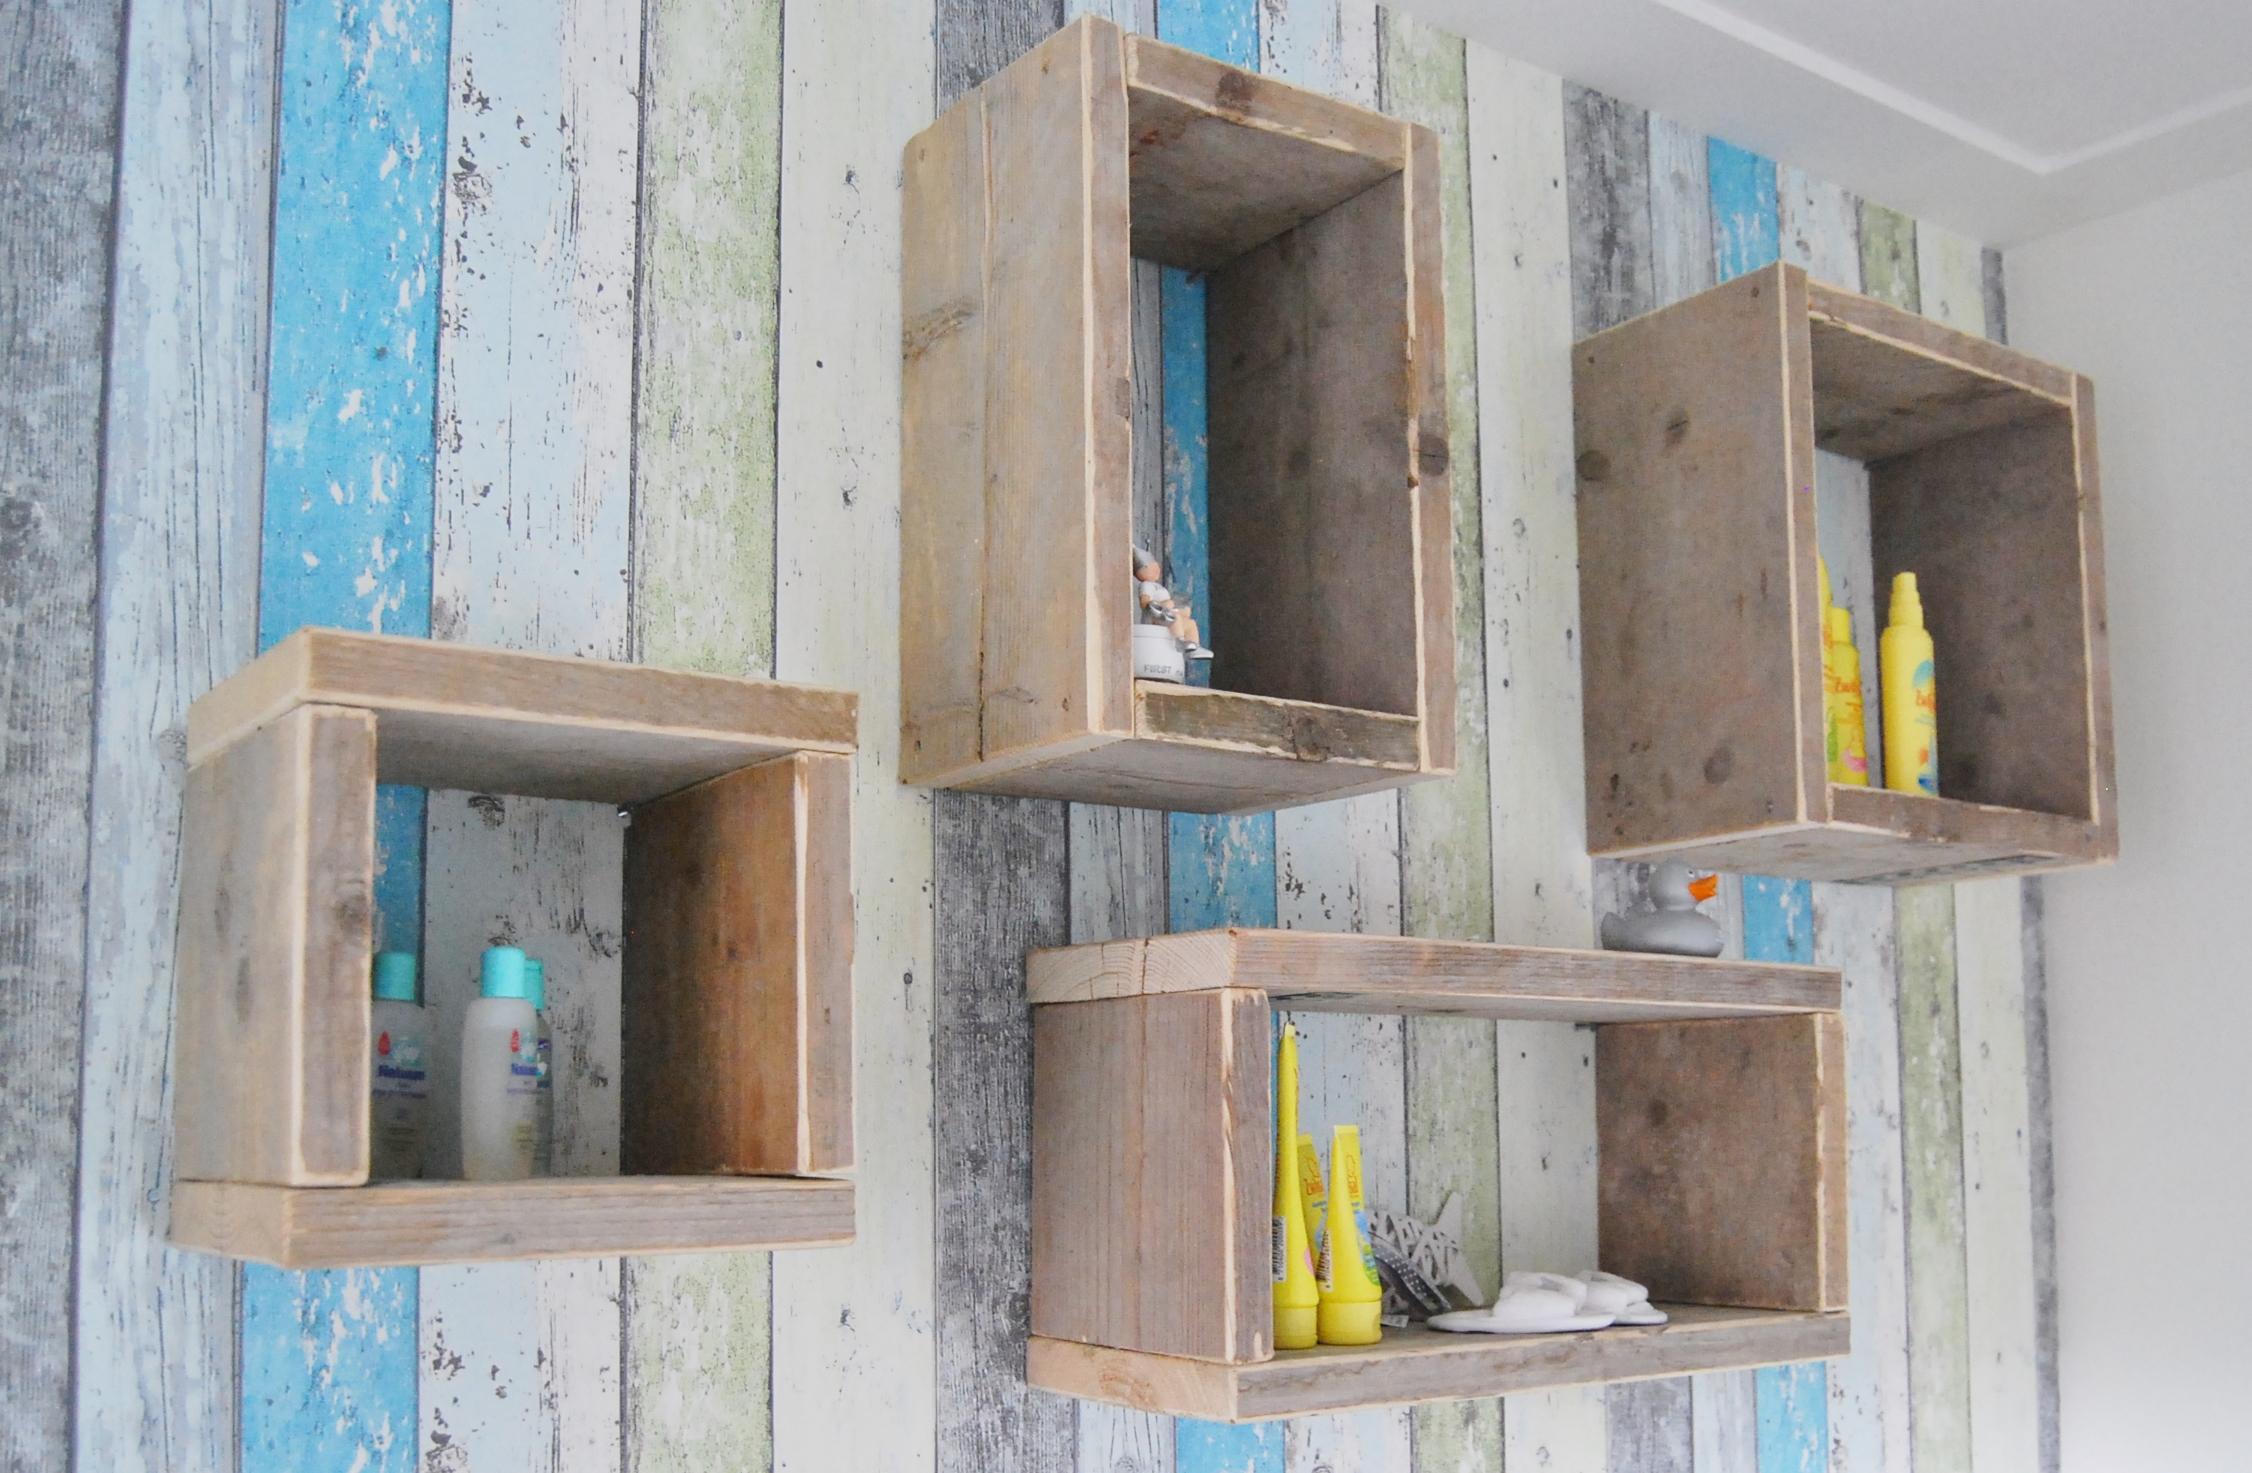 Kast Badkamer Steigerhout : Boeken kasten steigerhout bouw en onderhoudsbedrijf m lankreijer